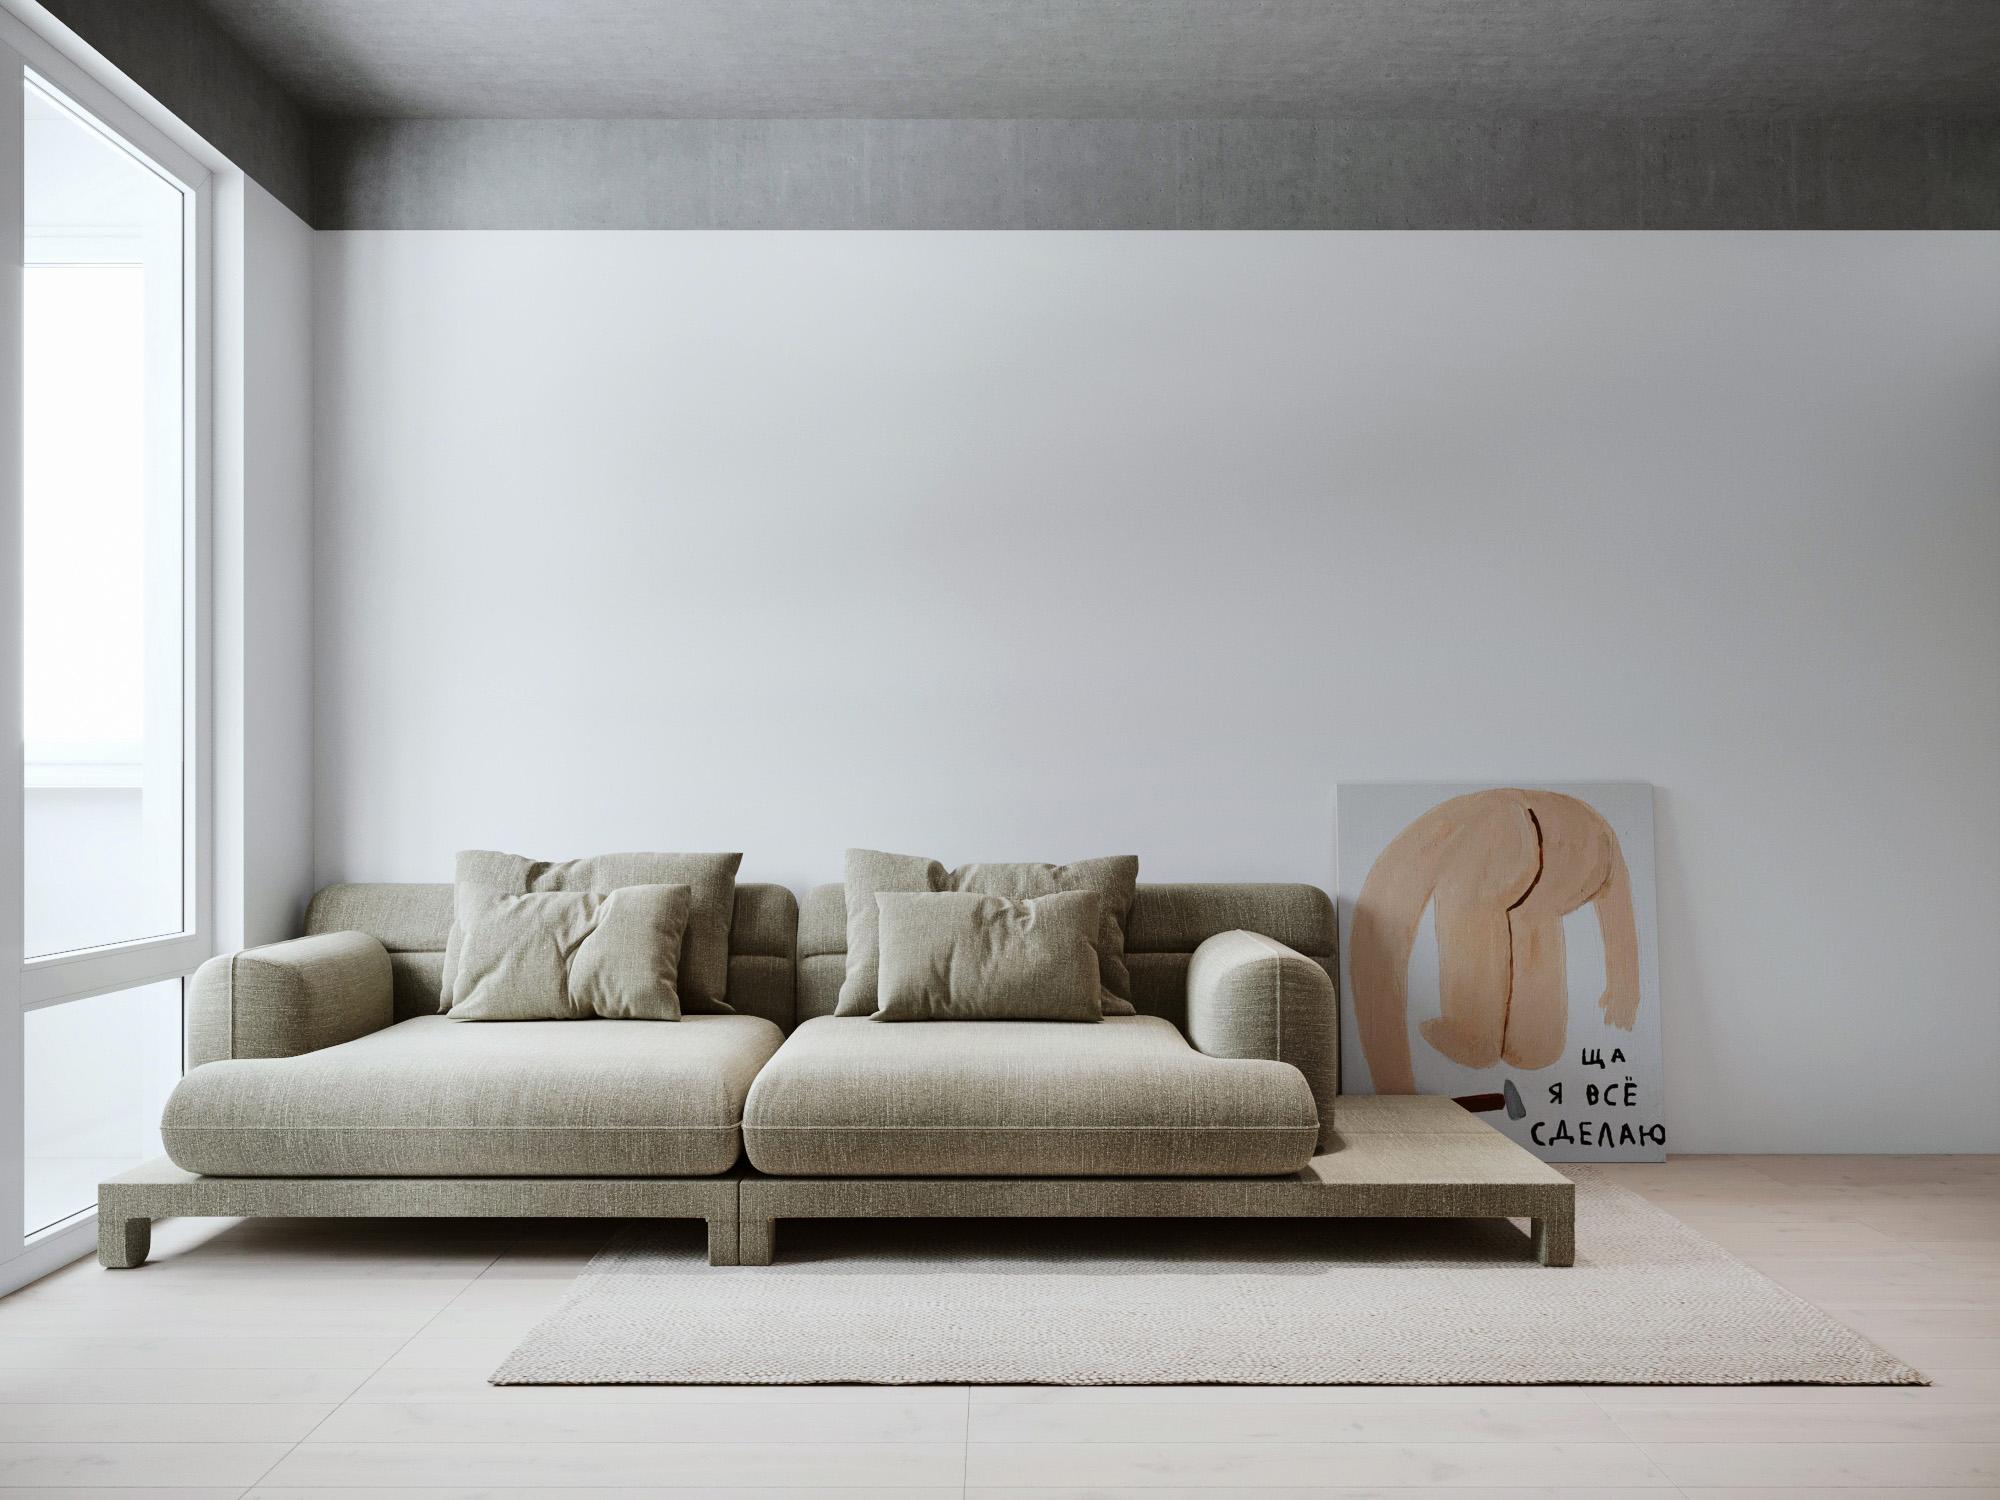 42²工业与生活的碰撞静谧、粗犷、优雅、别致   尼恩设计